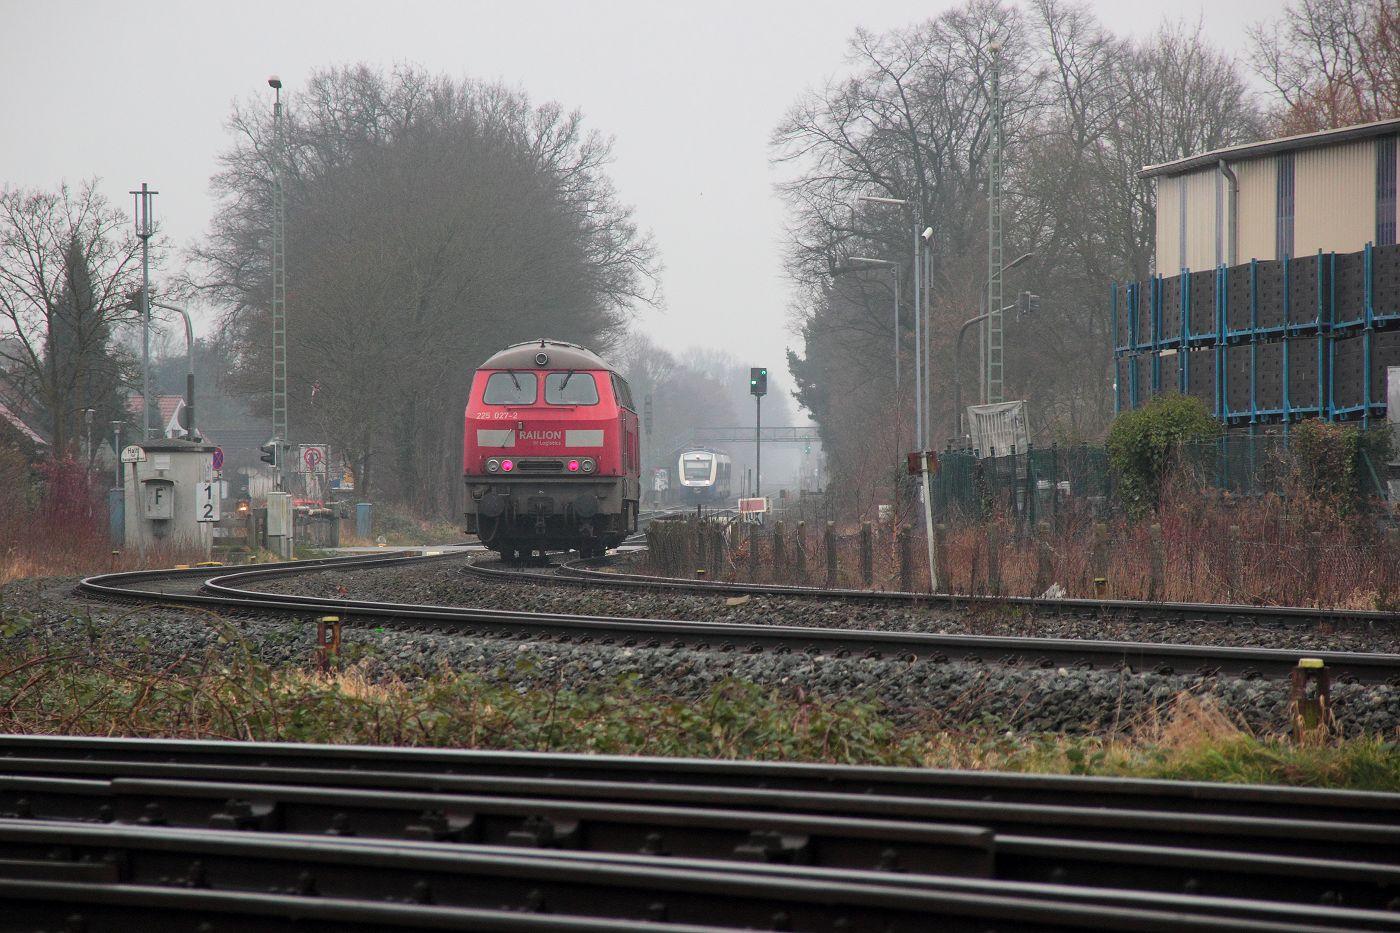 http://www.nachtbahner.de/Fotos/2014-02-11%20225er%20rund%20um%20Oldenburg/k-IMG_0963%20225er%20rund%20um%20Oldenburg%2011.02.14%20(4).JPG